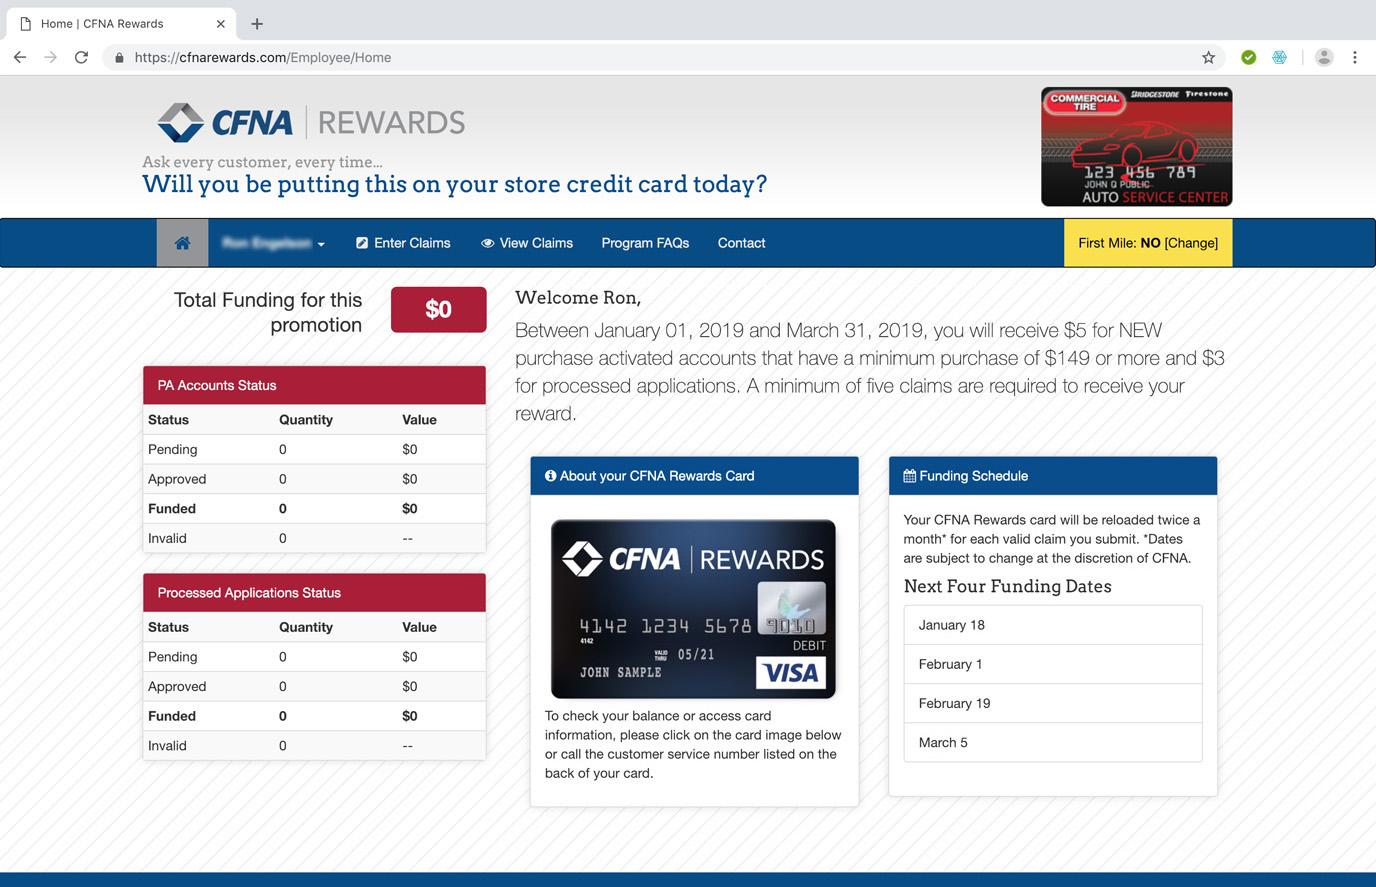 CFNA Rewards Landing page